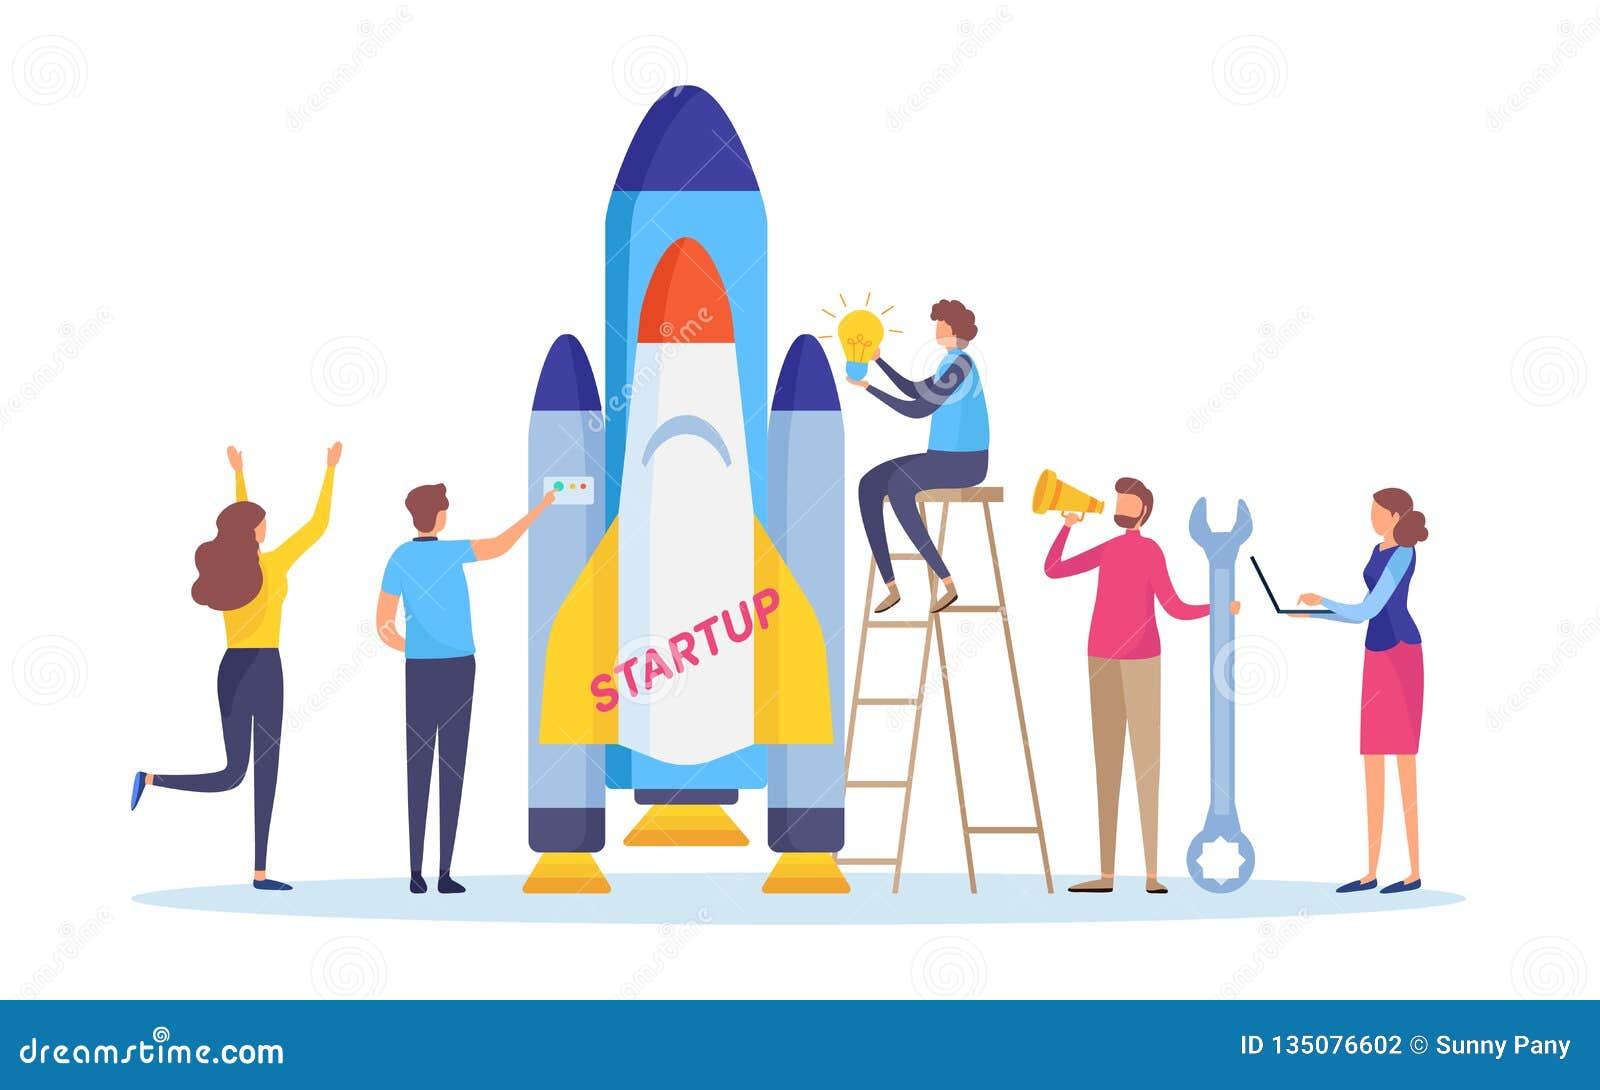 Ξεκίνημα το πρόγραμμα Ωθήστε την επιχειρησιακή έννοιά σας Έναρξη των επιχειρησιακών ανθρώπων ο πύραυλος Επίπεδο διάνυσμα απεικόνι